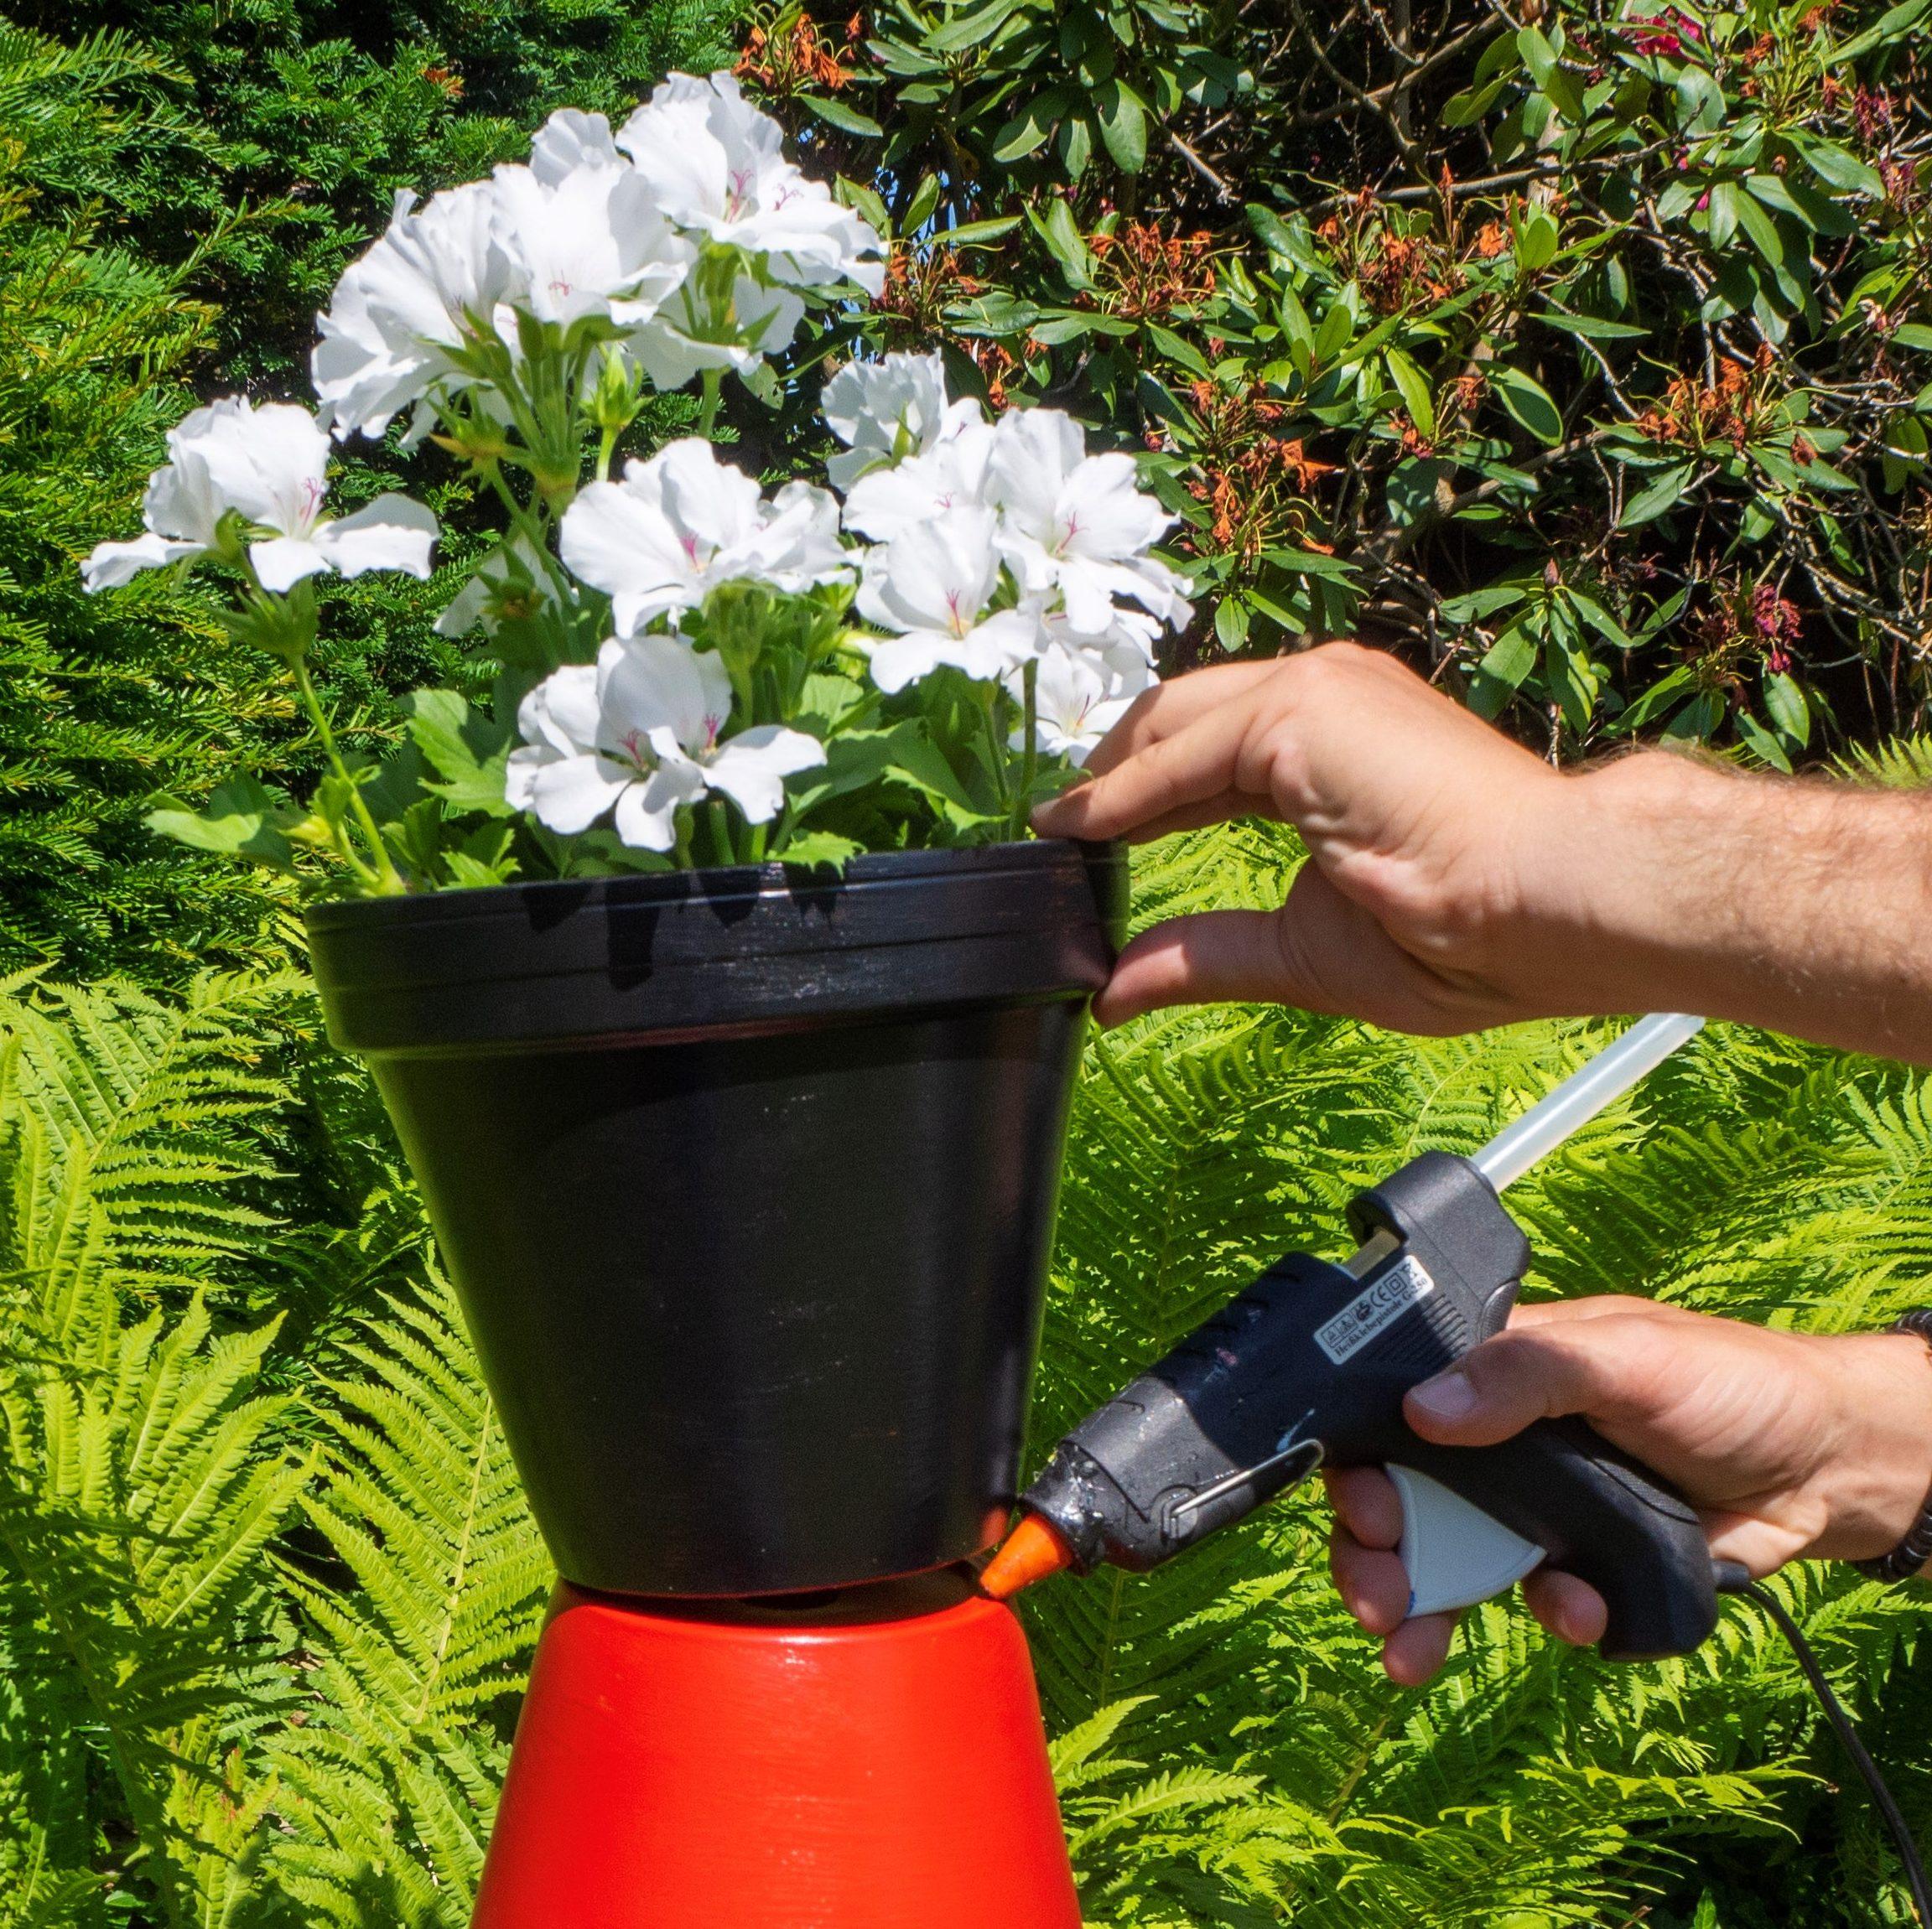 Beklebe die Pflanztöpfe mit der Heißklebepistole - dein DIY-Projekt für die #staycation